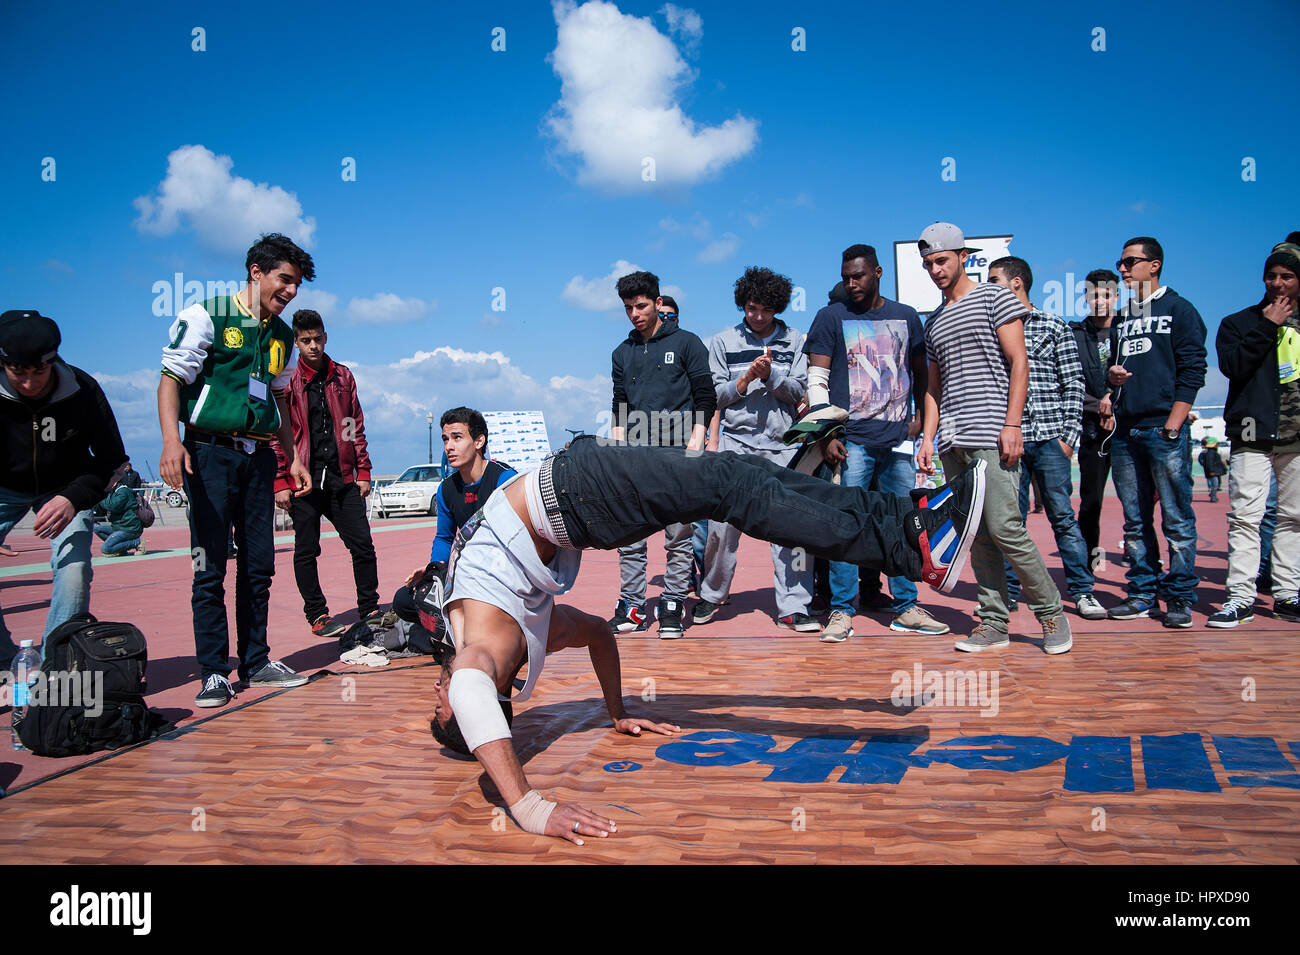 Libia, Trípoli: Chicos breakdance en un baile al aire libre y el parkour festival. Imagen De Stock